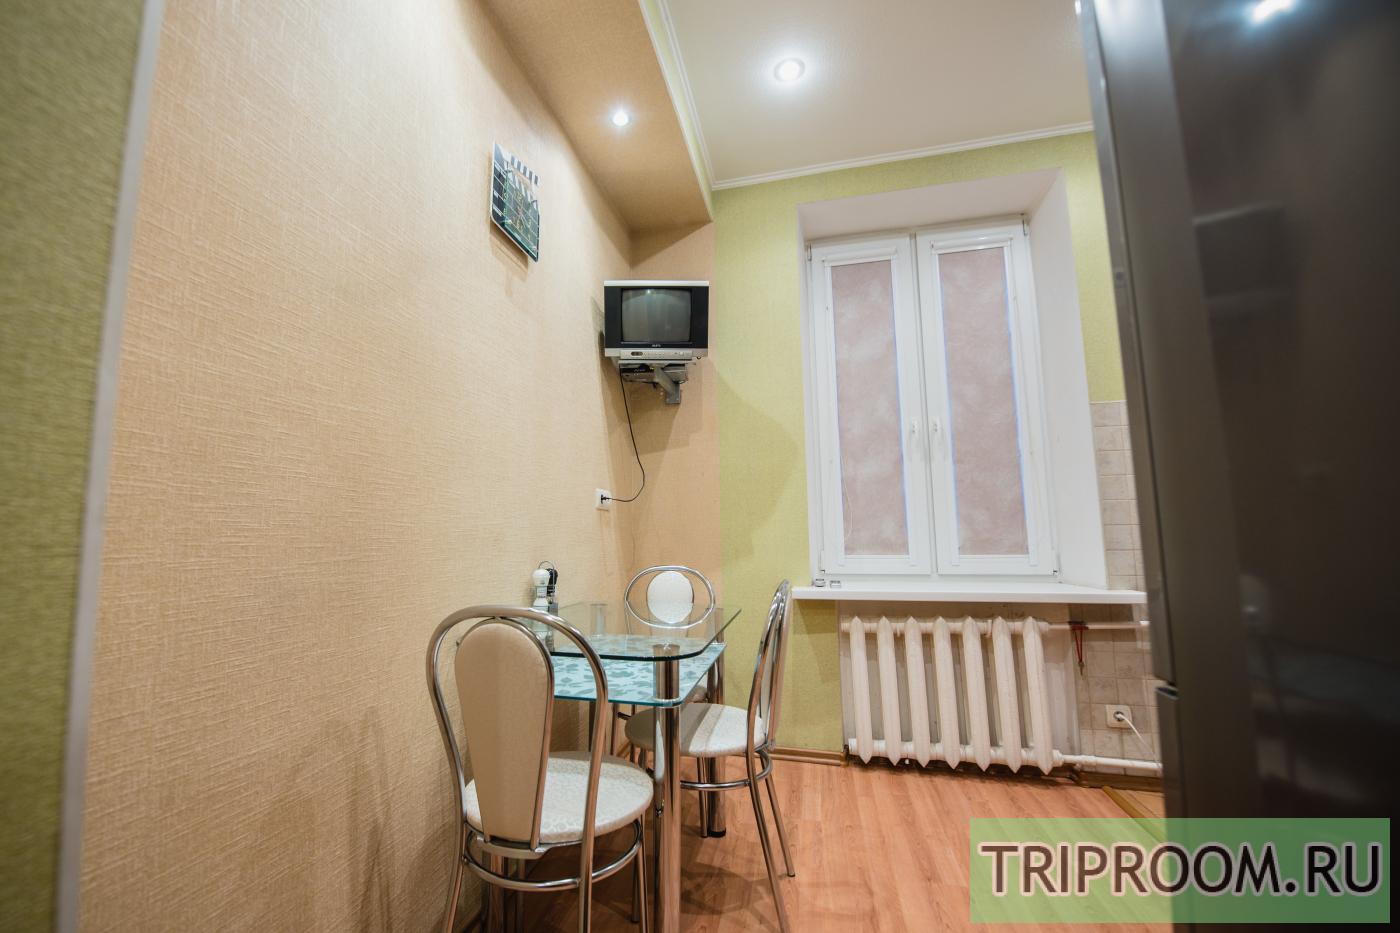 2-комнатная квартира посуточно (вариант № 14781), ул. Твардовского улица, фото № 7